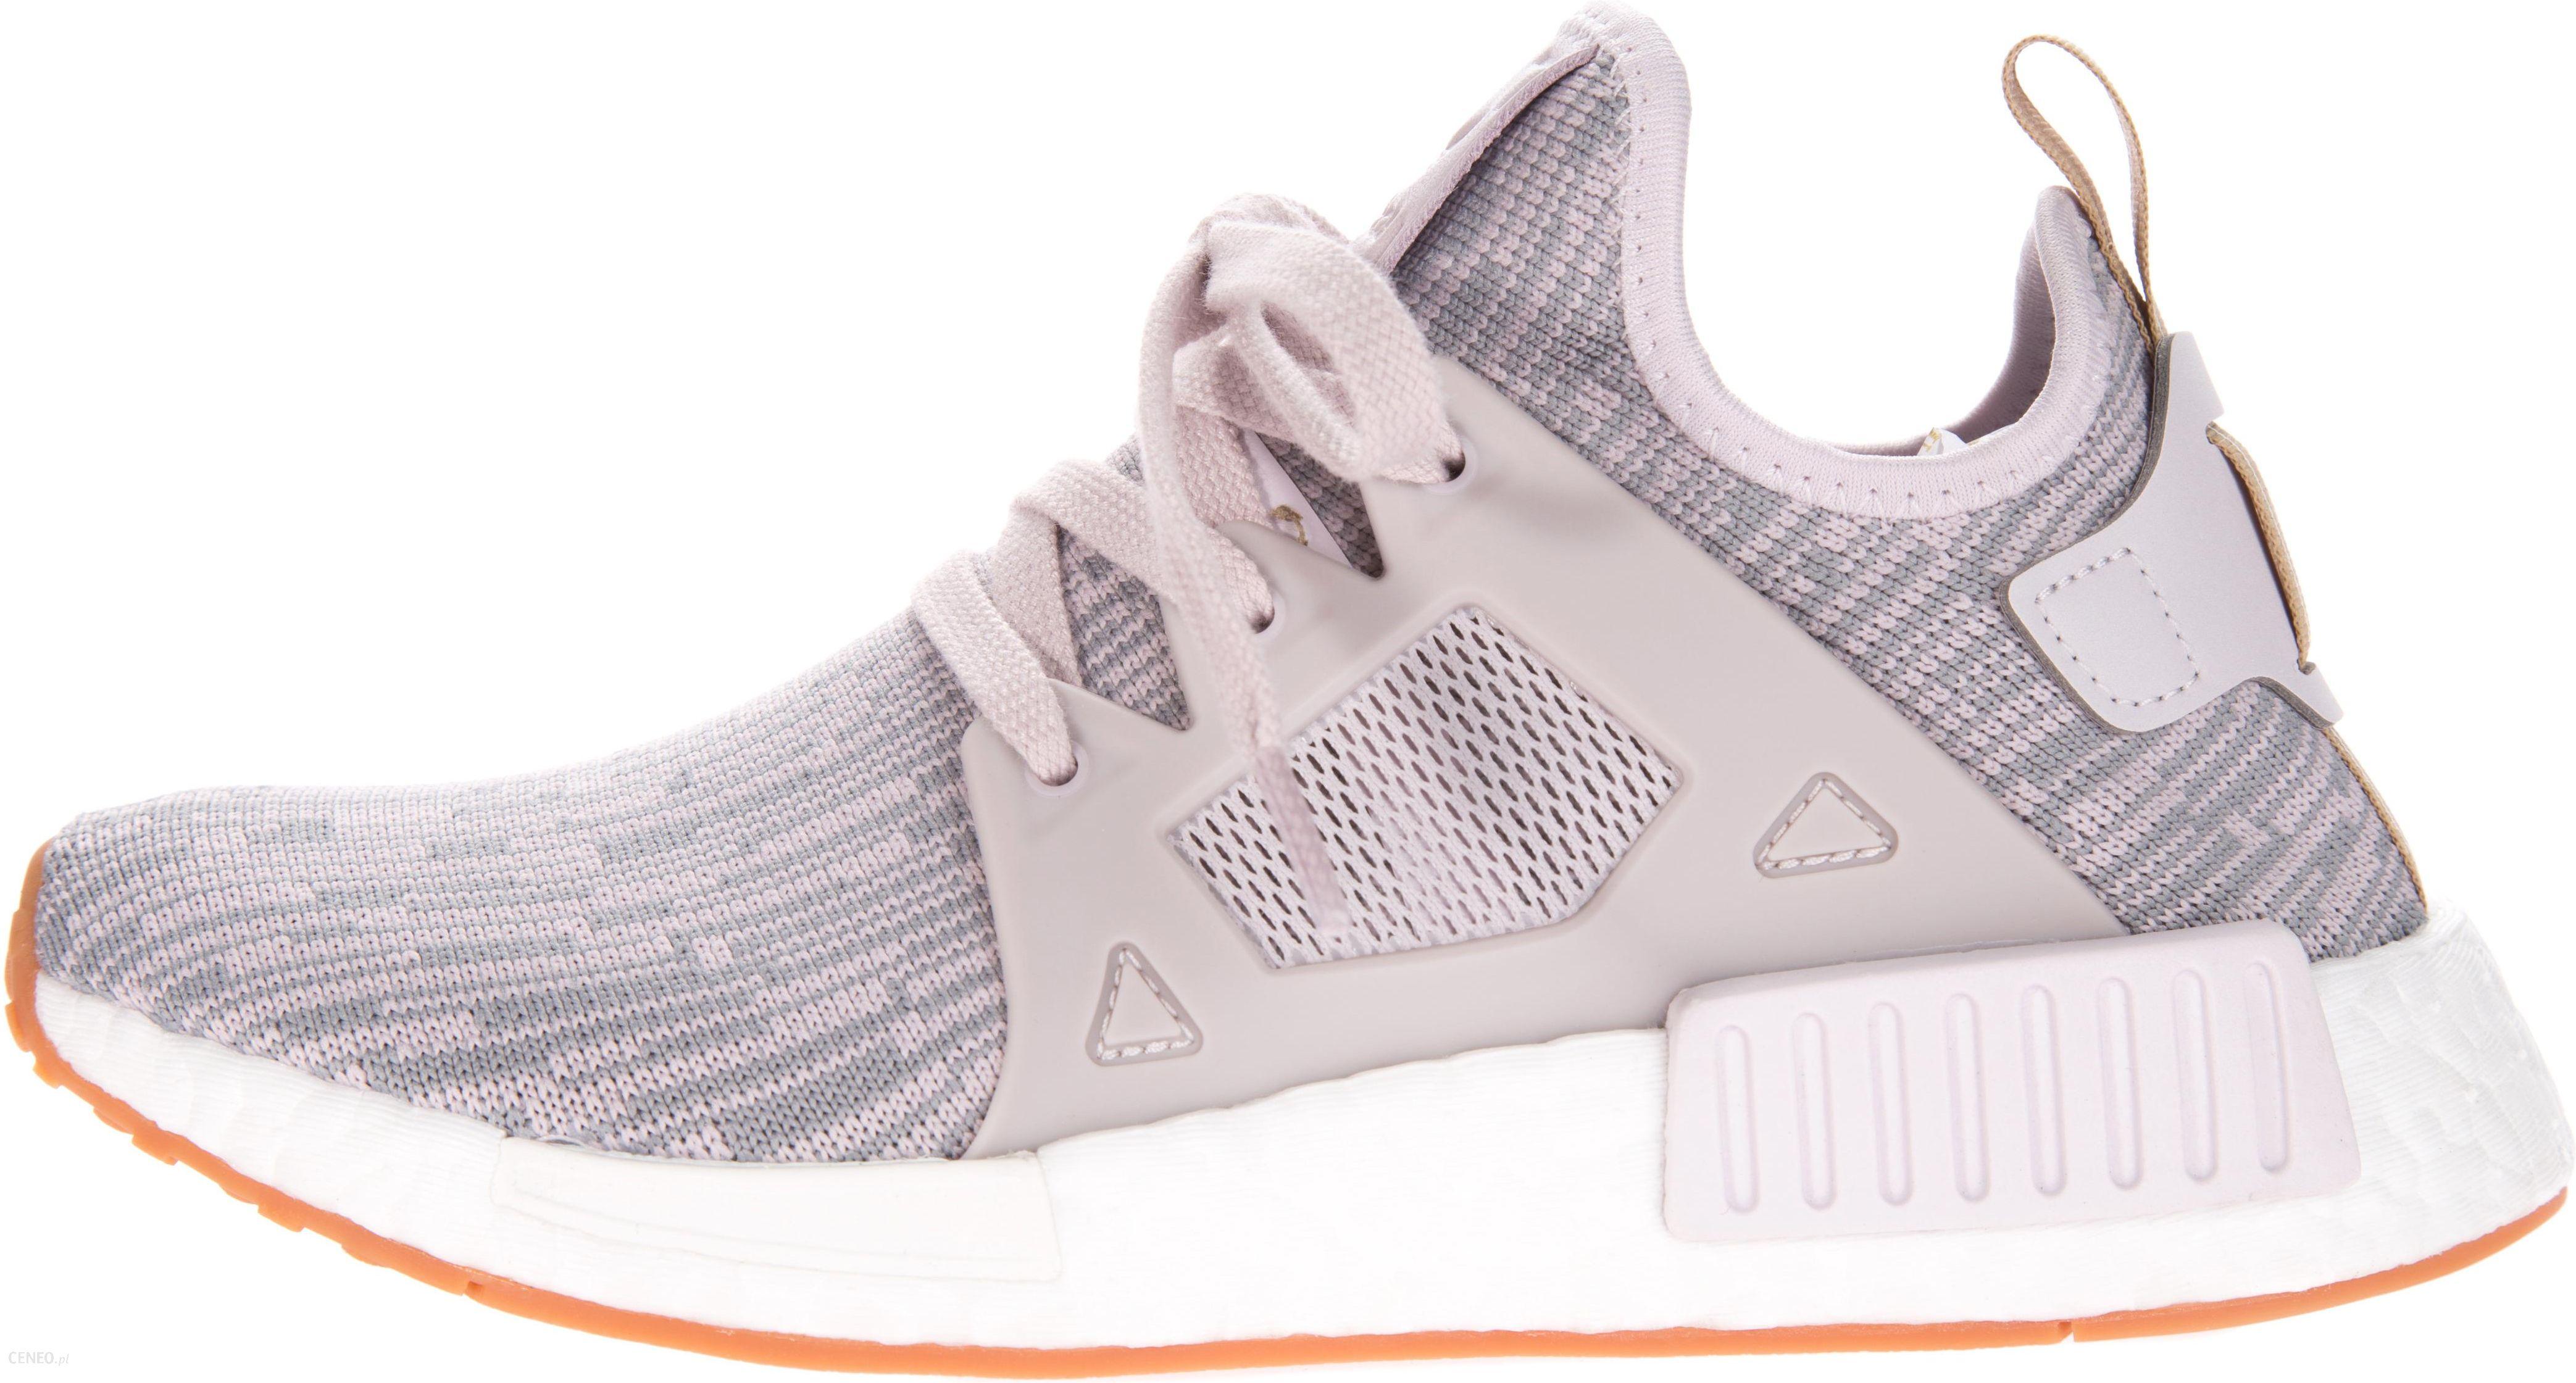 adidas nmd rozowo szare